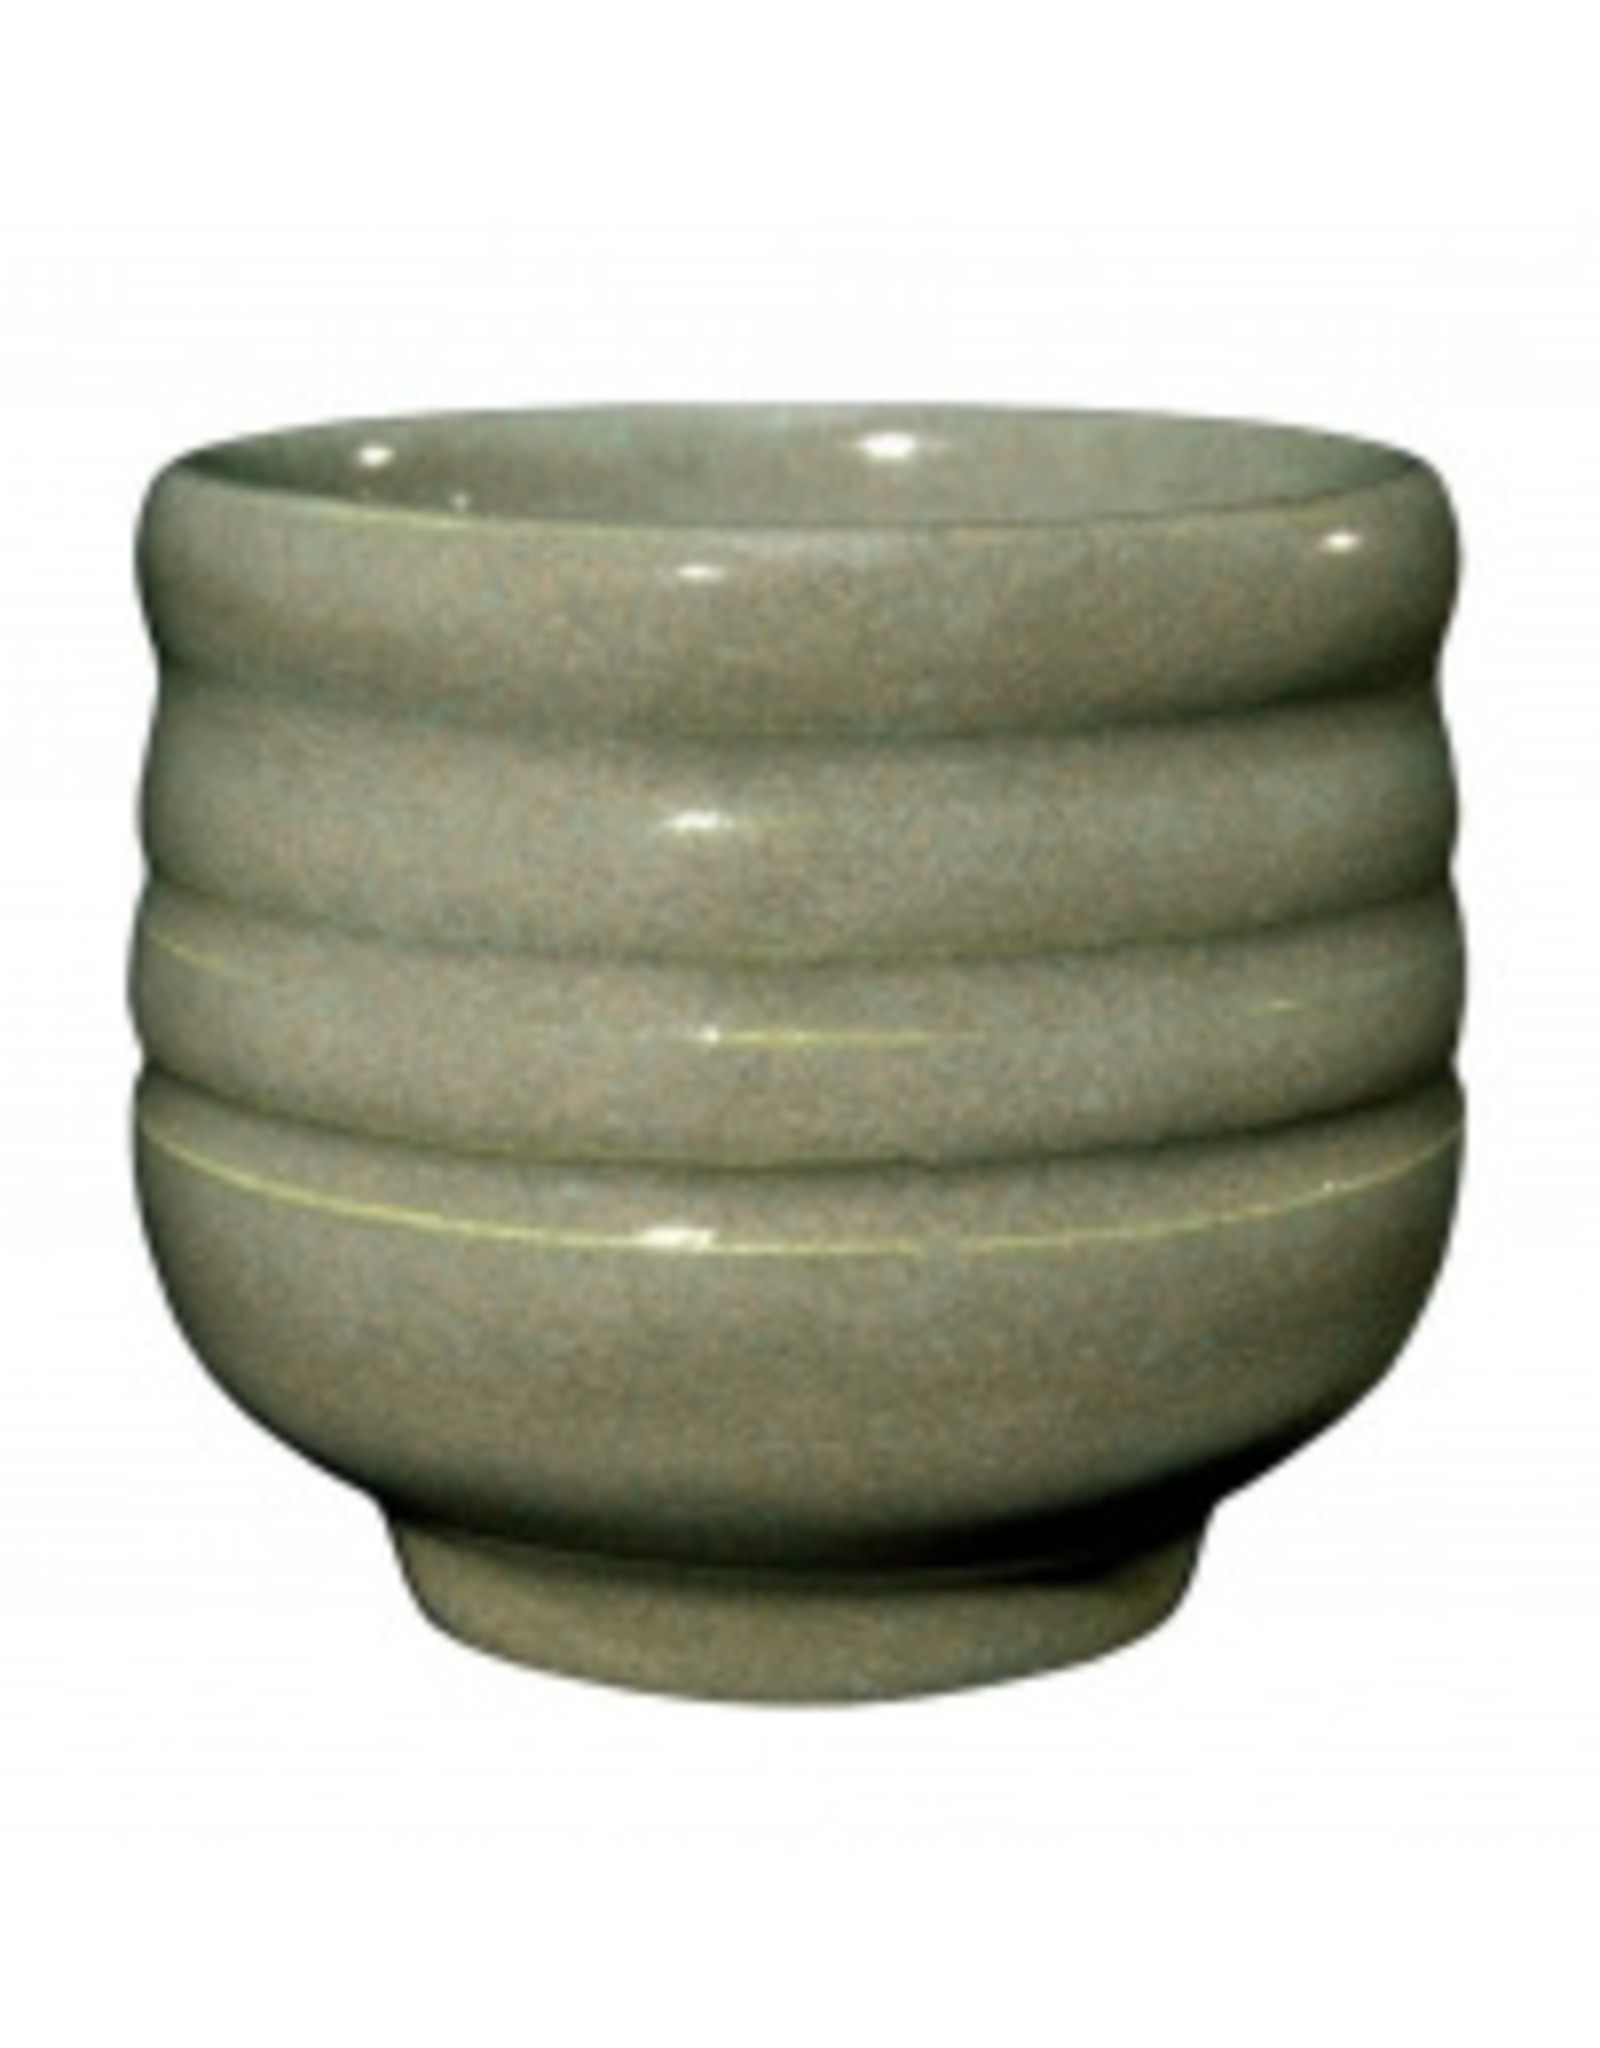 Toasted sage AMACO Potters Choice Brush-on Stoneware Glaze 473ML 1180˚C - 1240˚C